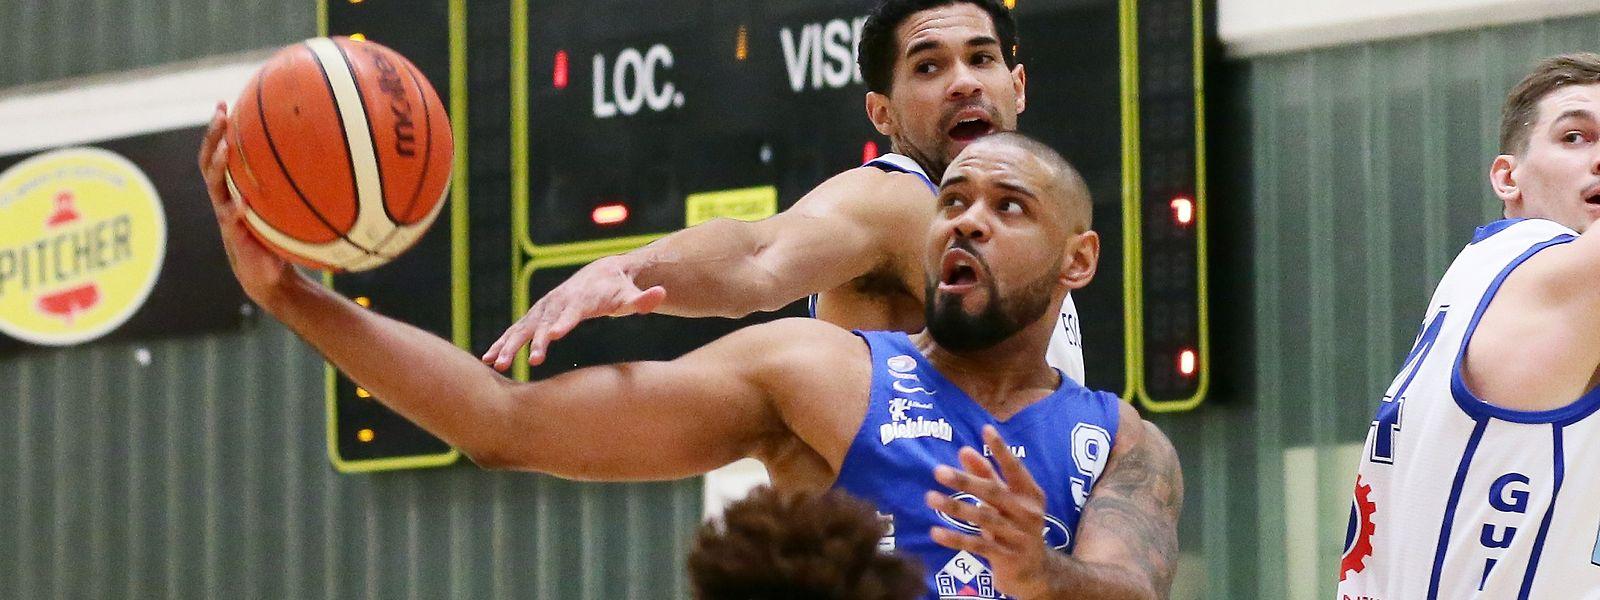 Jairo Delgado (Etzella) behauptet den Ball gegen Jordan Hicks (Basket Esch).